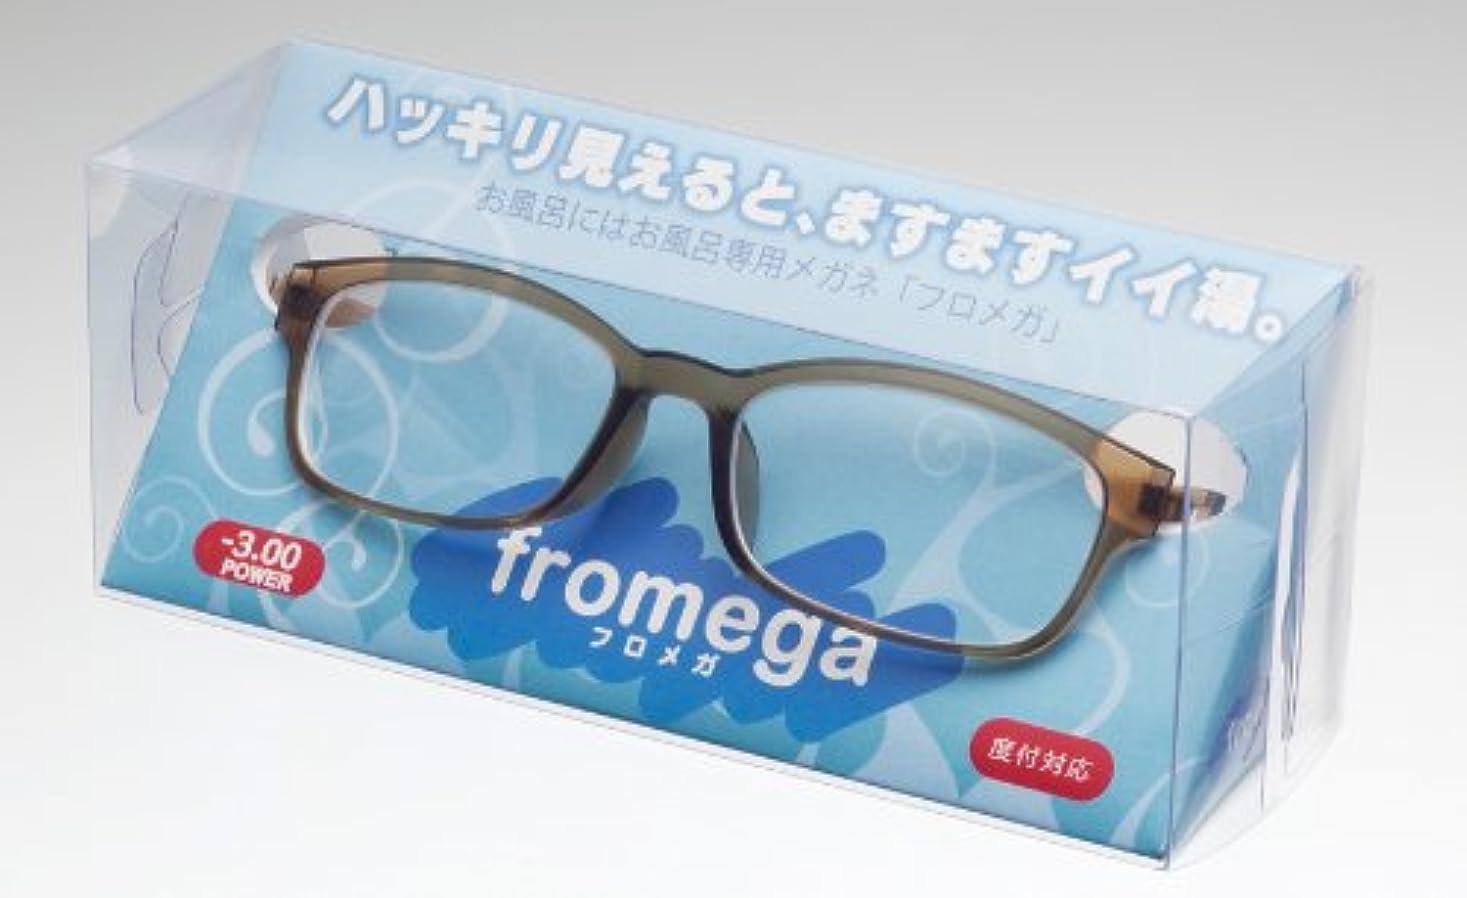 言うまでもなく敷居不機嫌お風呂用メガネ fromegaフロメガIL-001-6.00